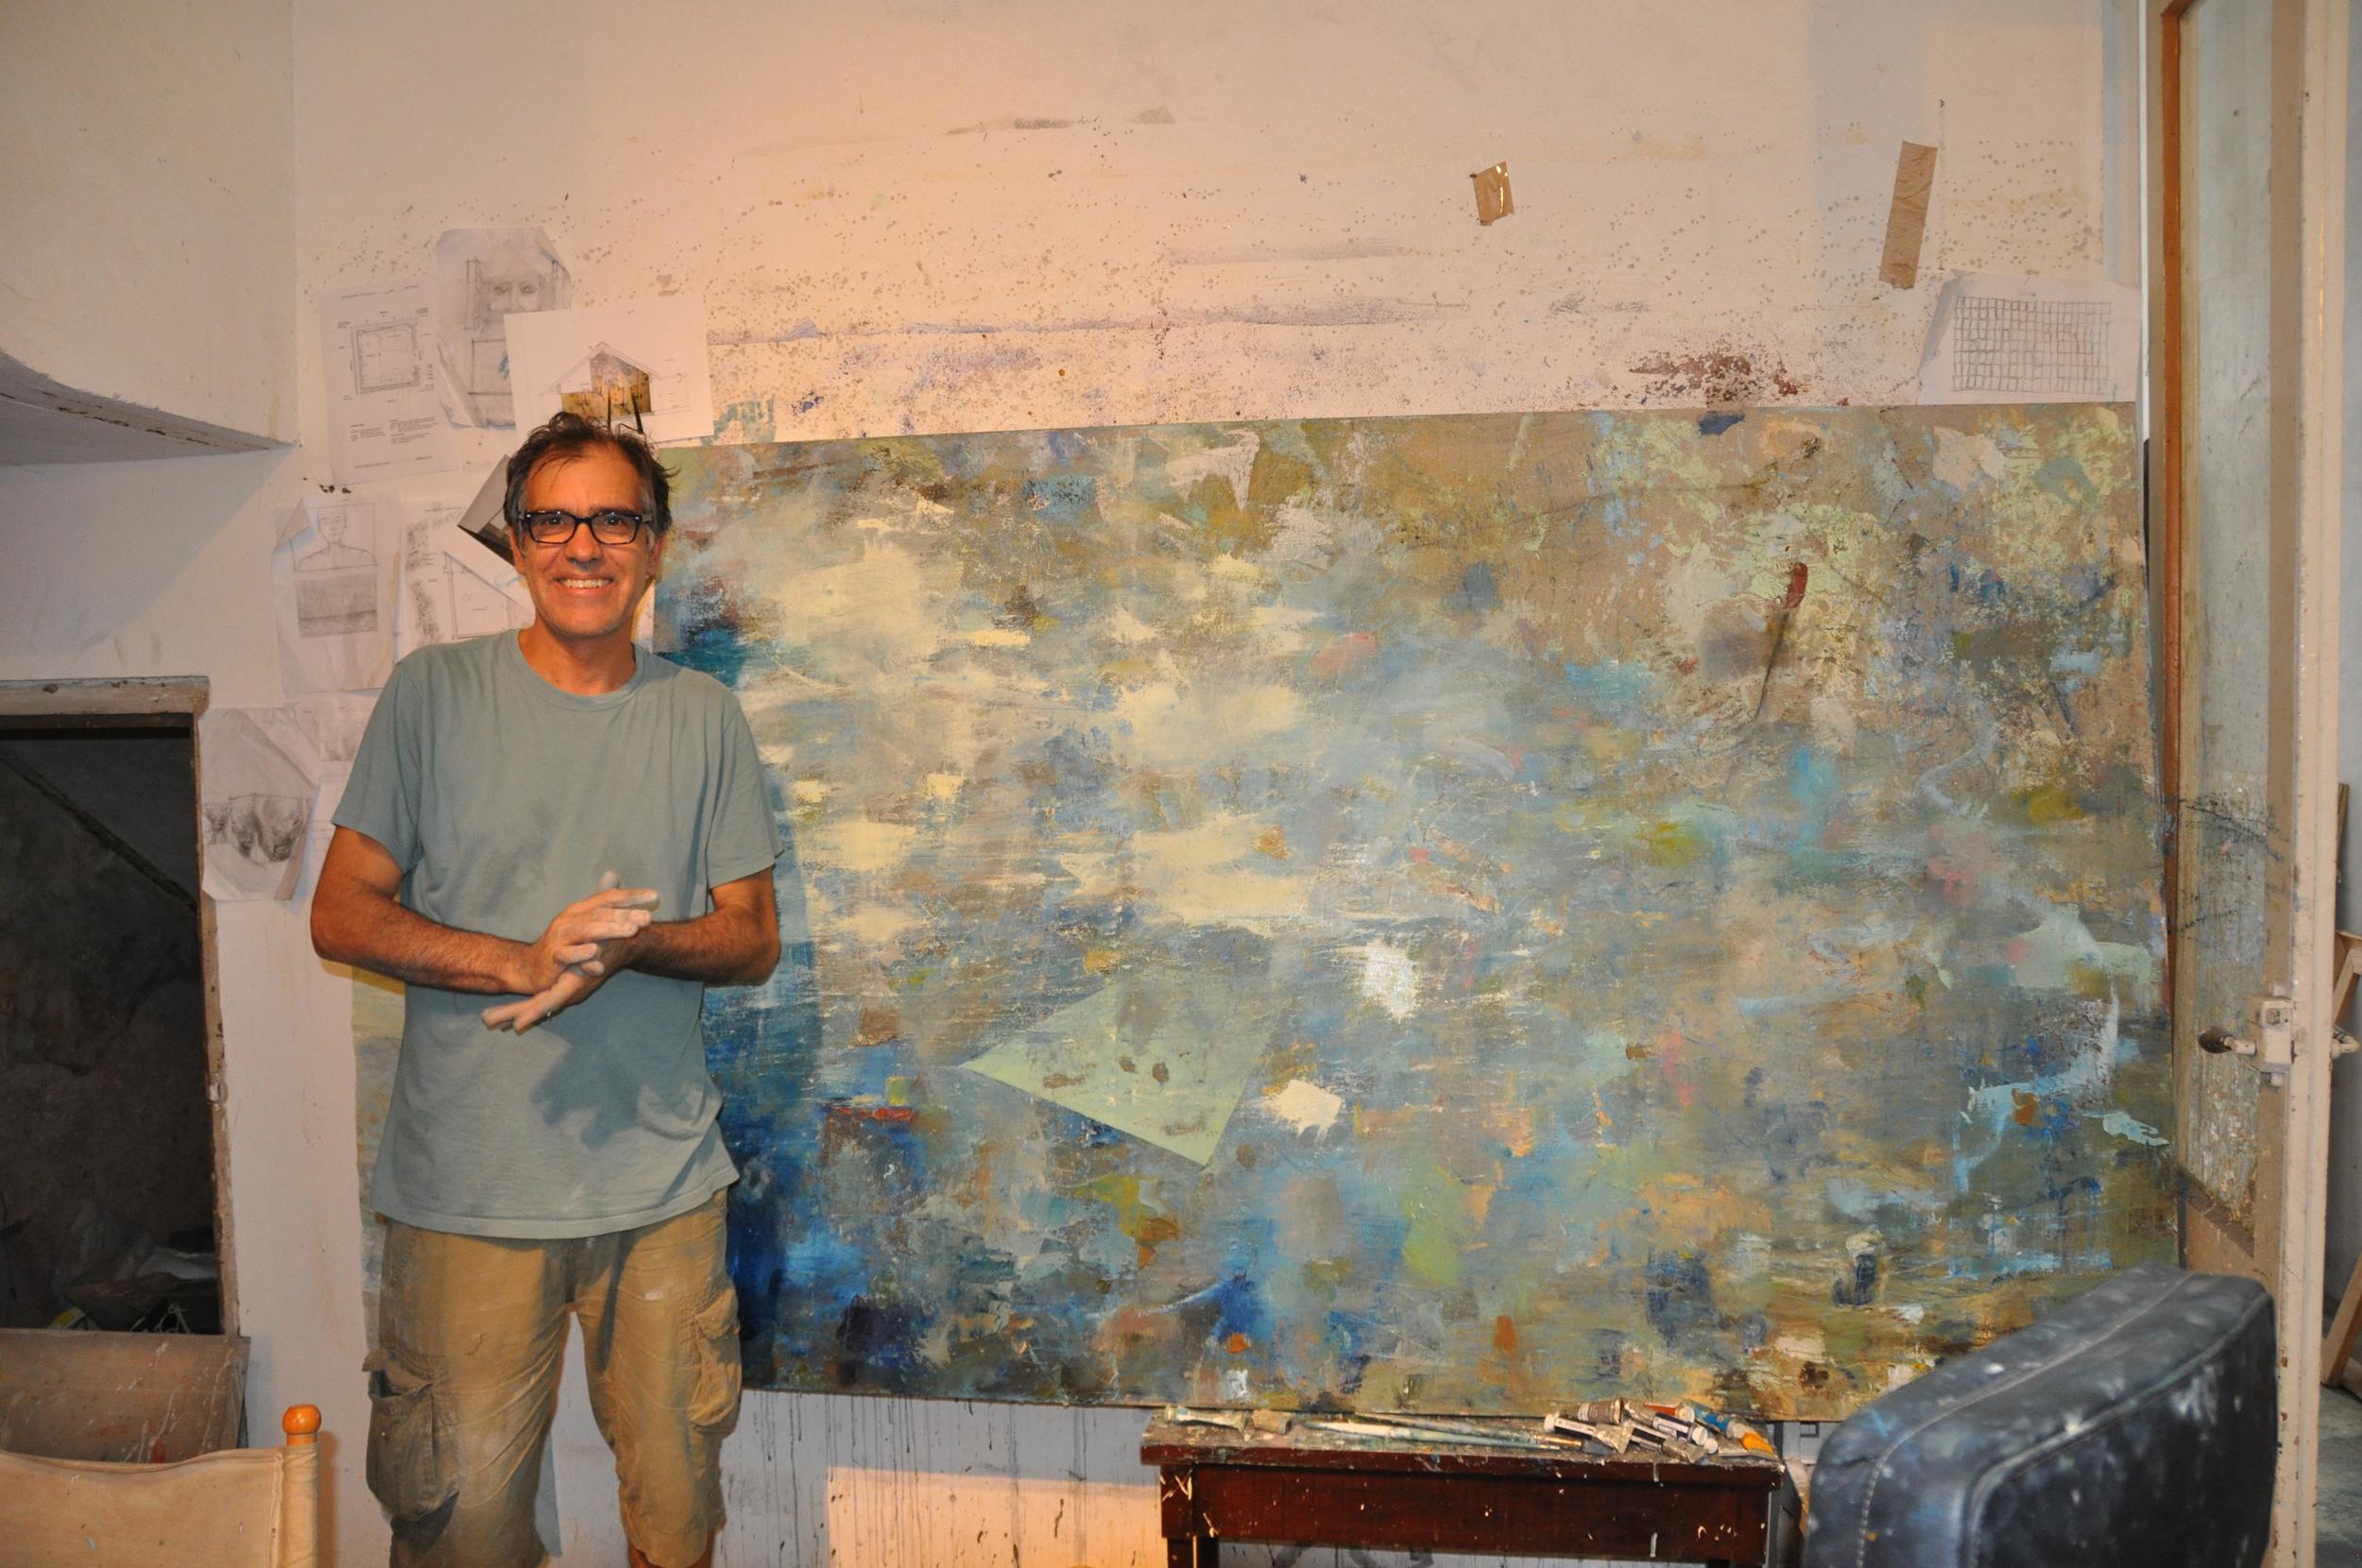 Artist, Eduardo Cardozo